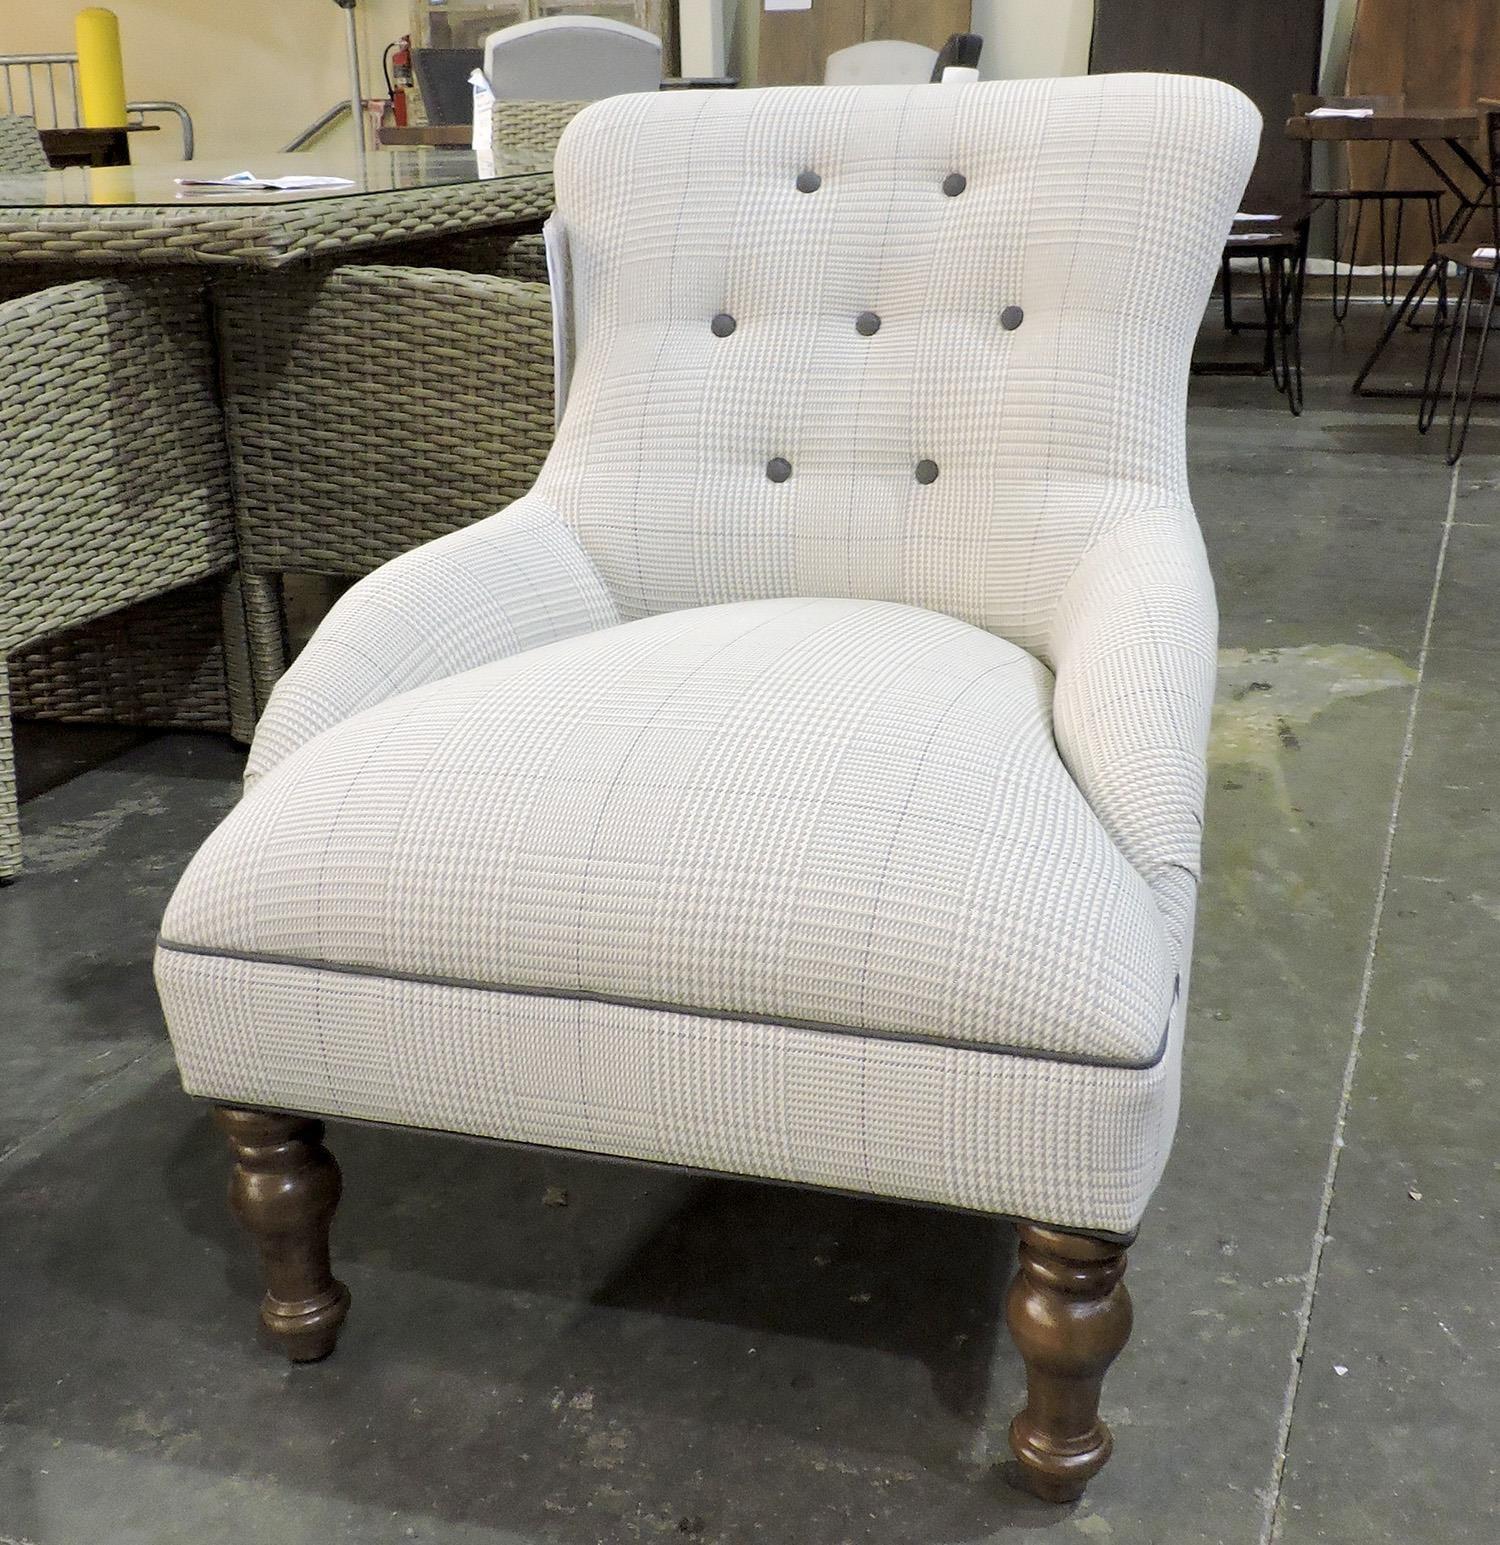 Rowe    Birkin Chair - Item Number: 895822973